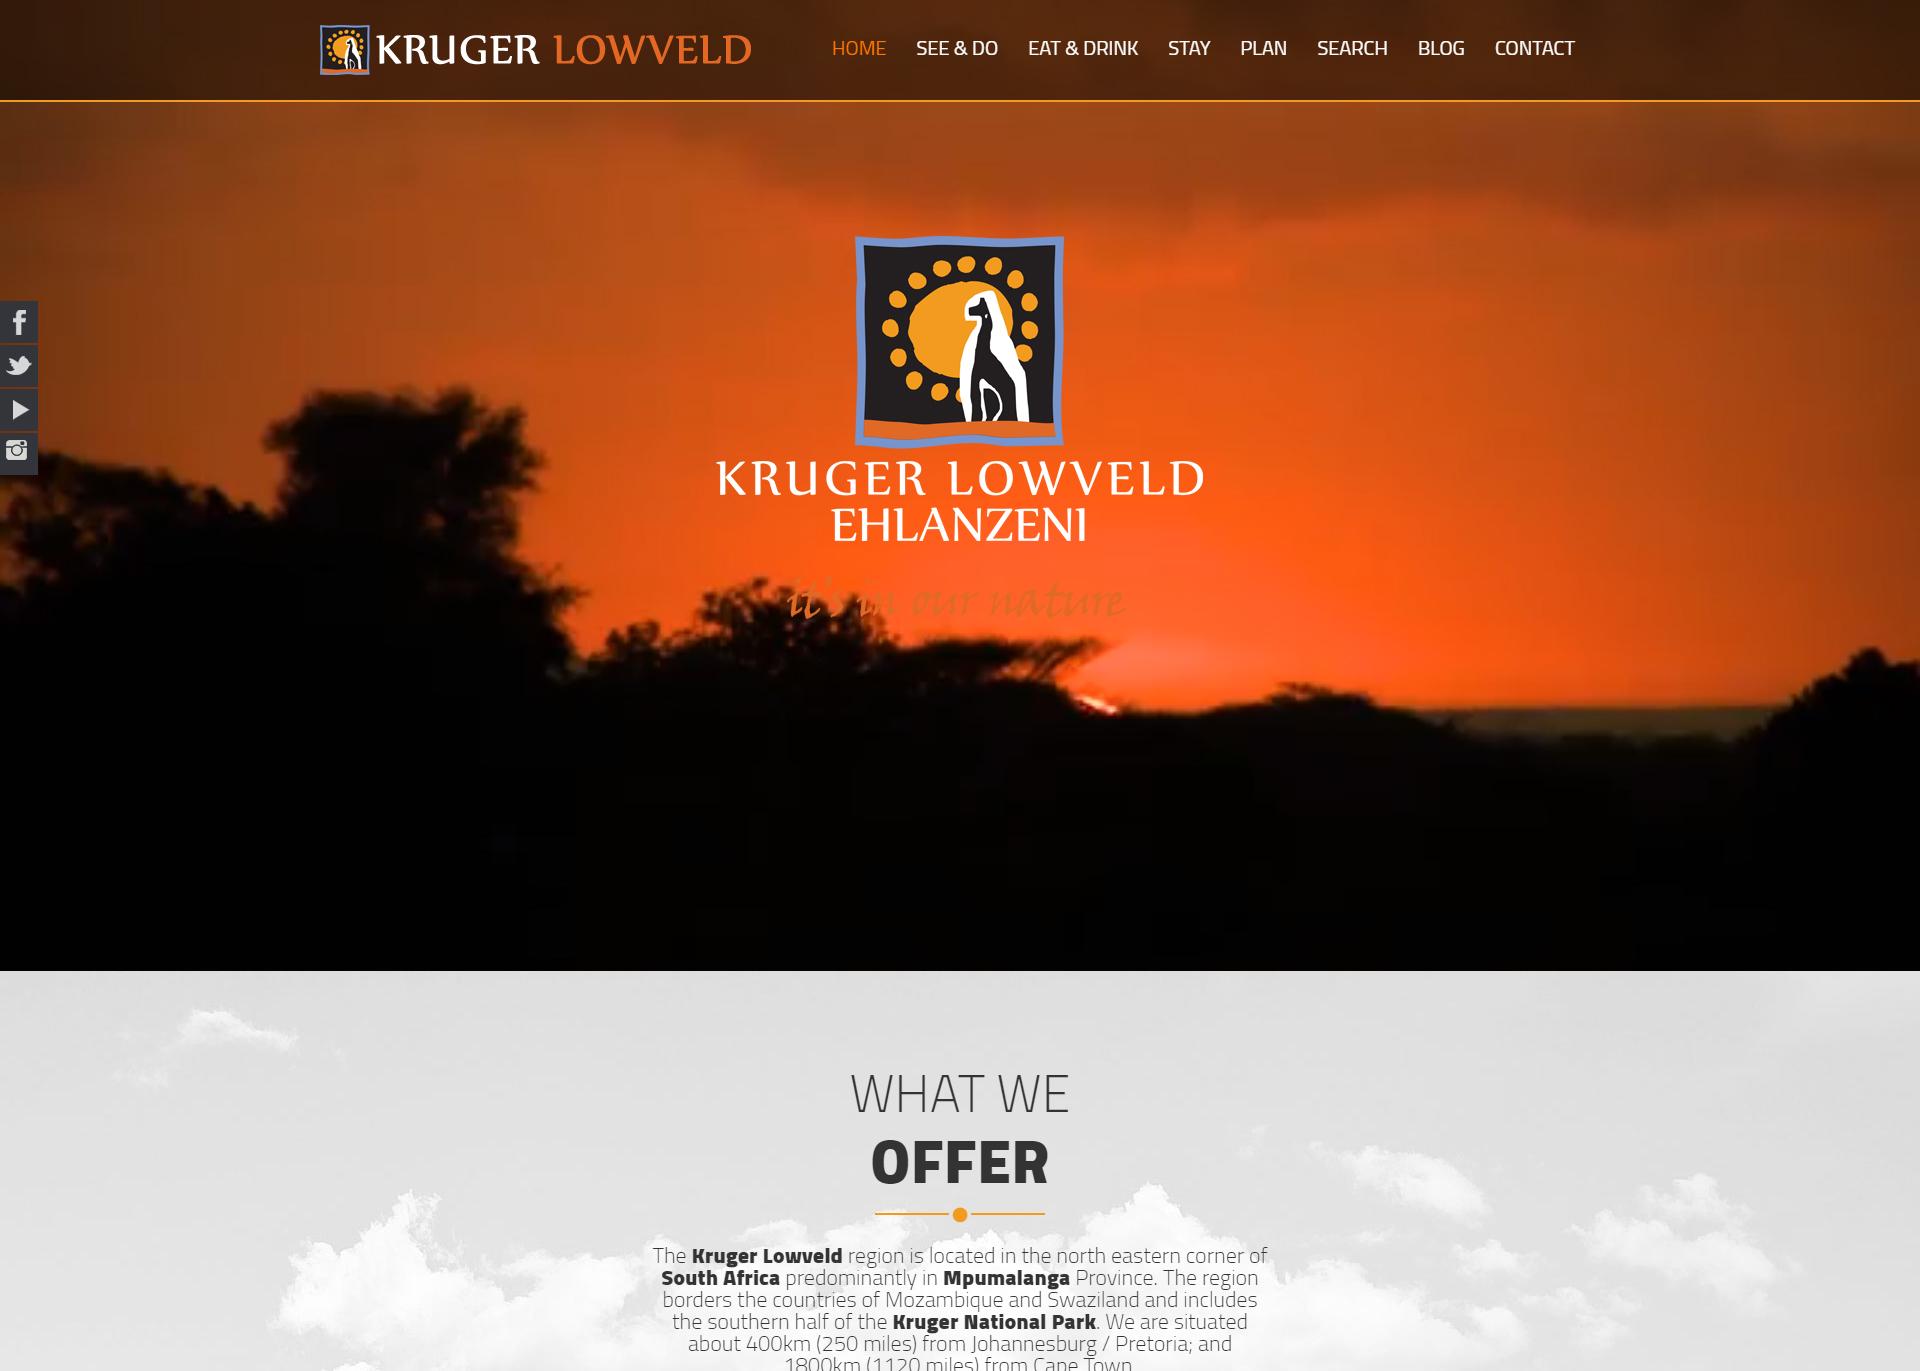 krugerlowveld.com